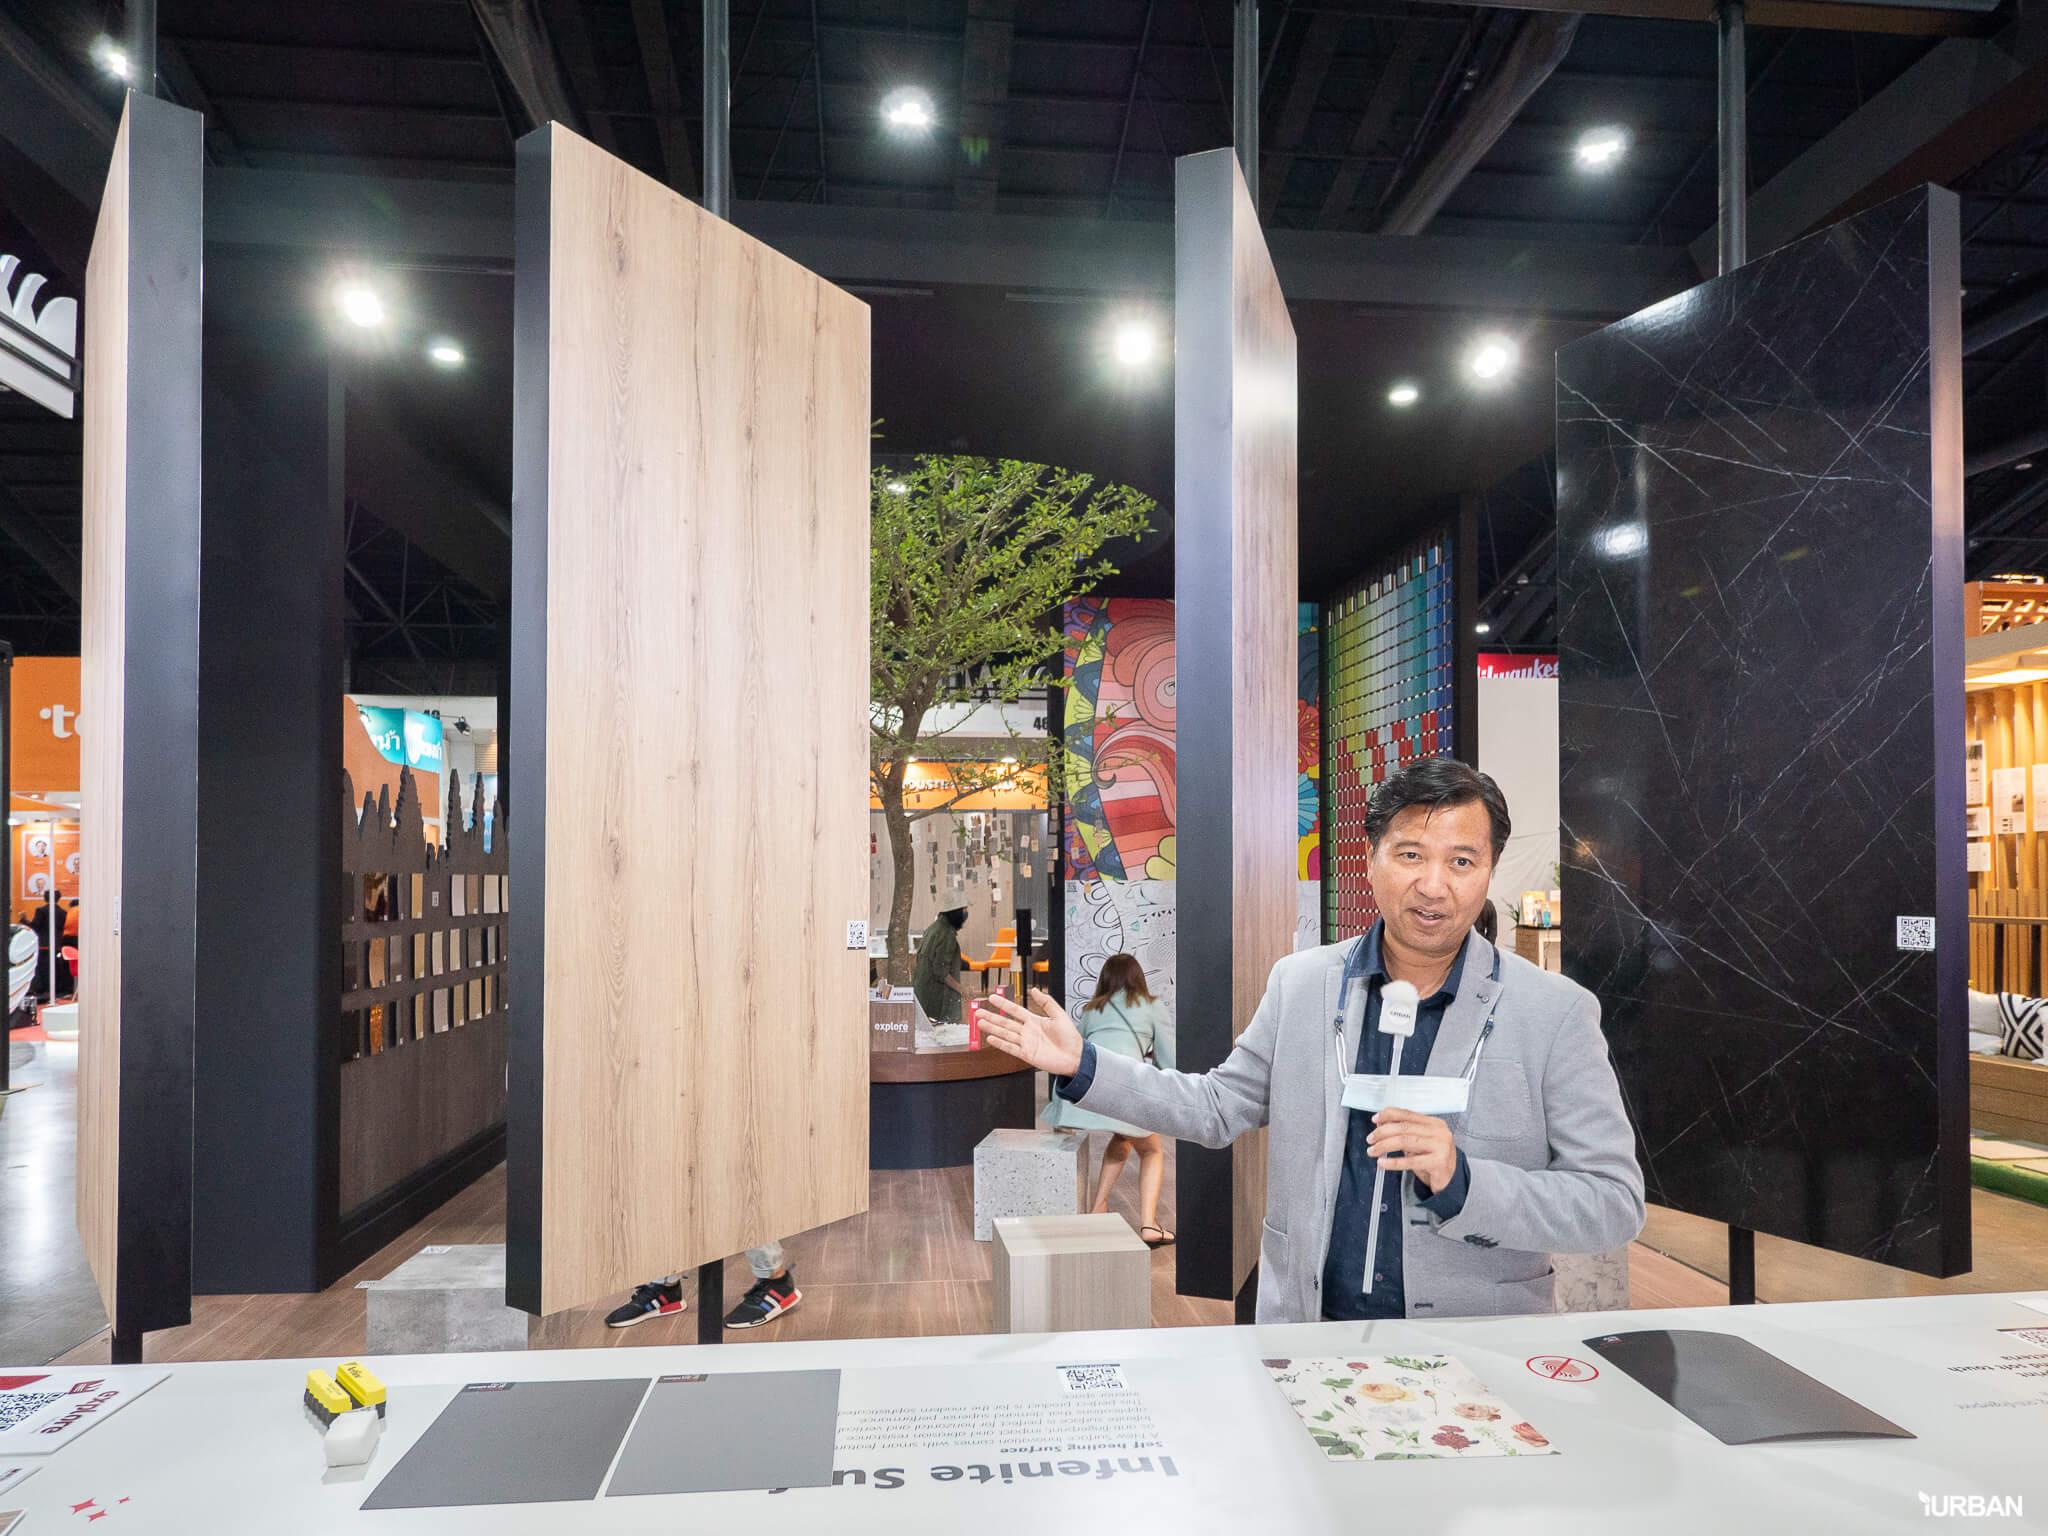 36 นวัตกรรมสถาปัตย์จากงาน ACT FORUM '20 Design + Built อย่าทำบ้านแบบเก่าๆ เดี๋ยวนี้เขาไปถึงไหนแล้ว 58 - ACT Forum